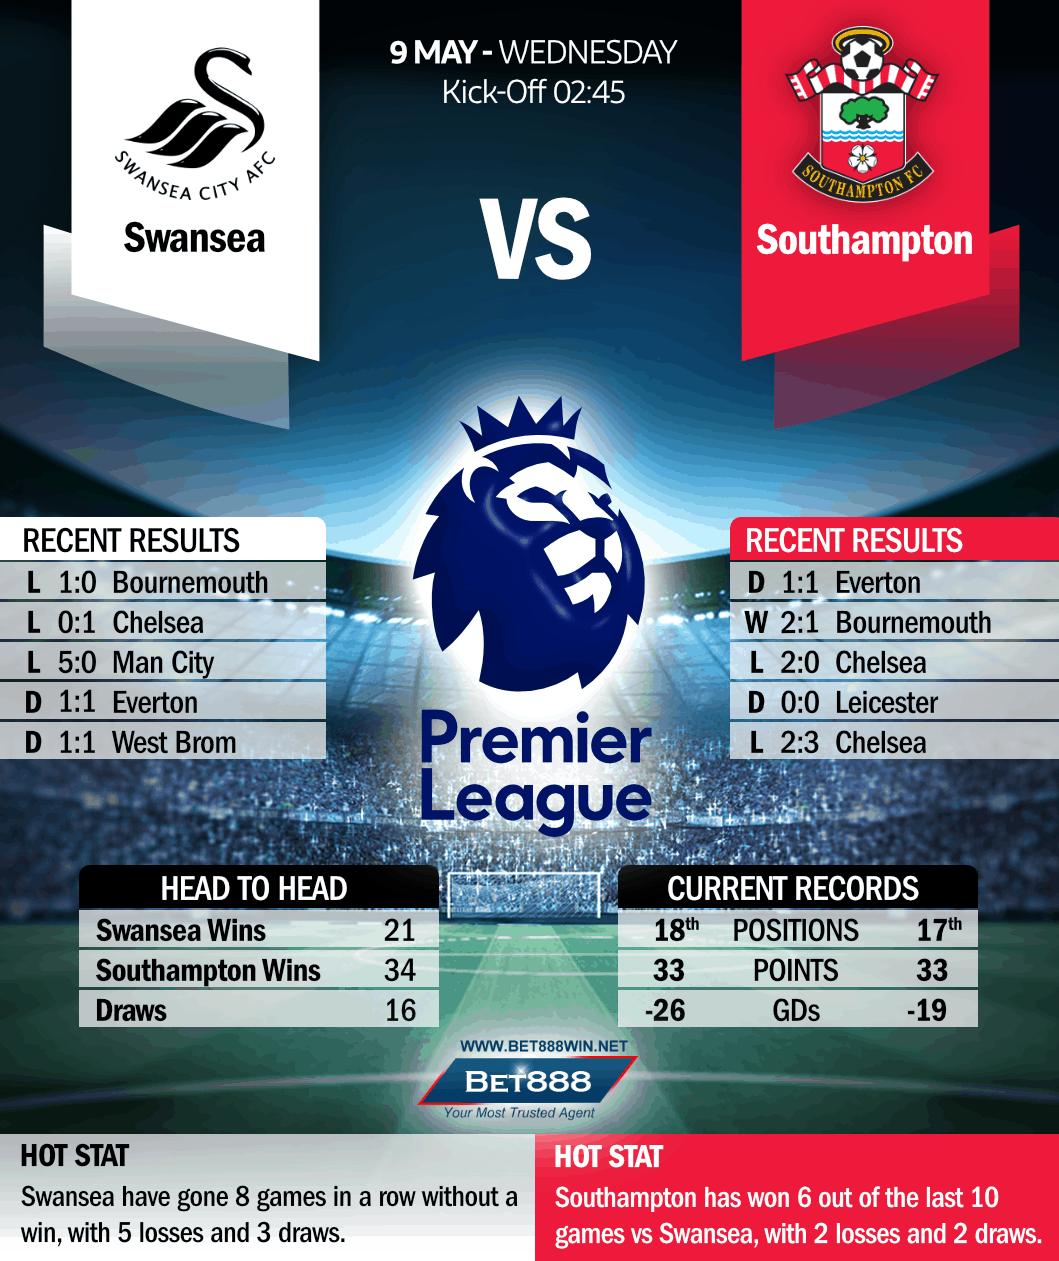 Swansea City vs Southampton 09/05/18